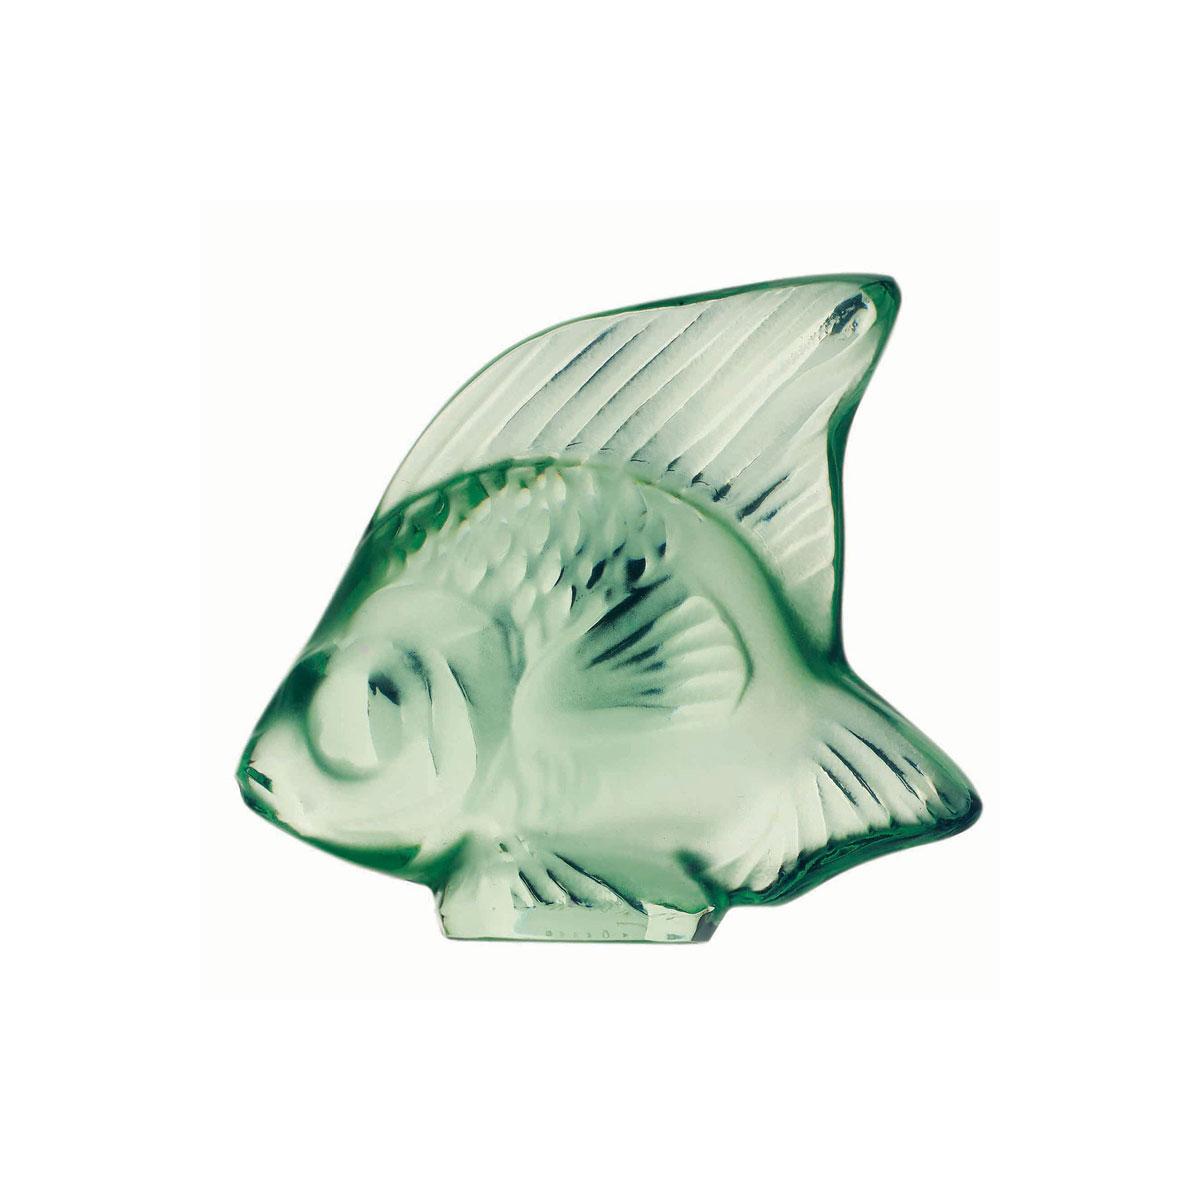 Lalique Light Green Fish Sculpture